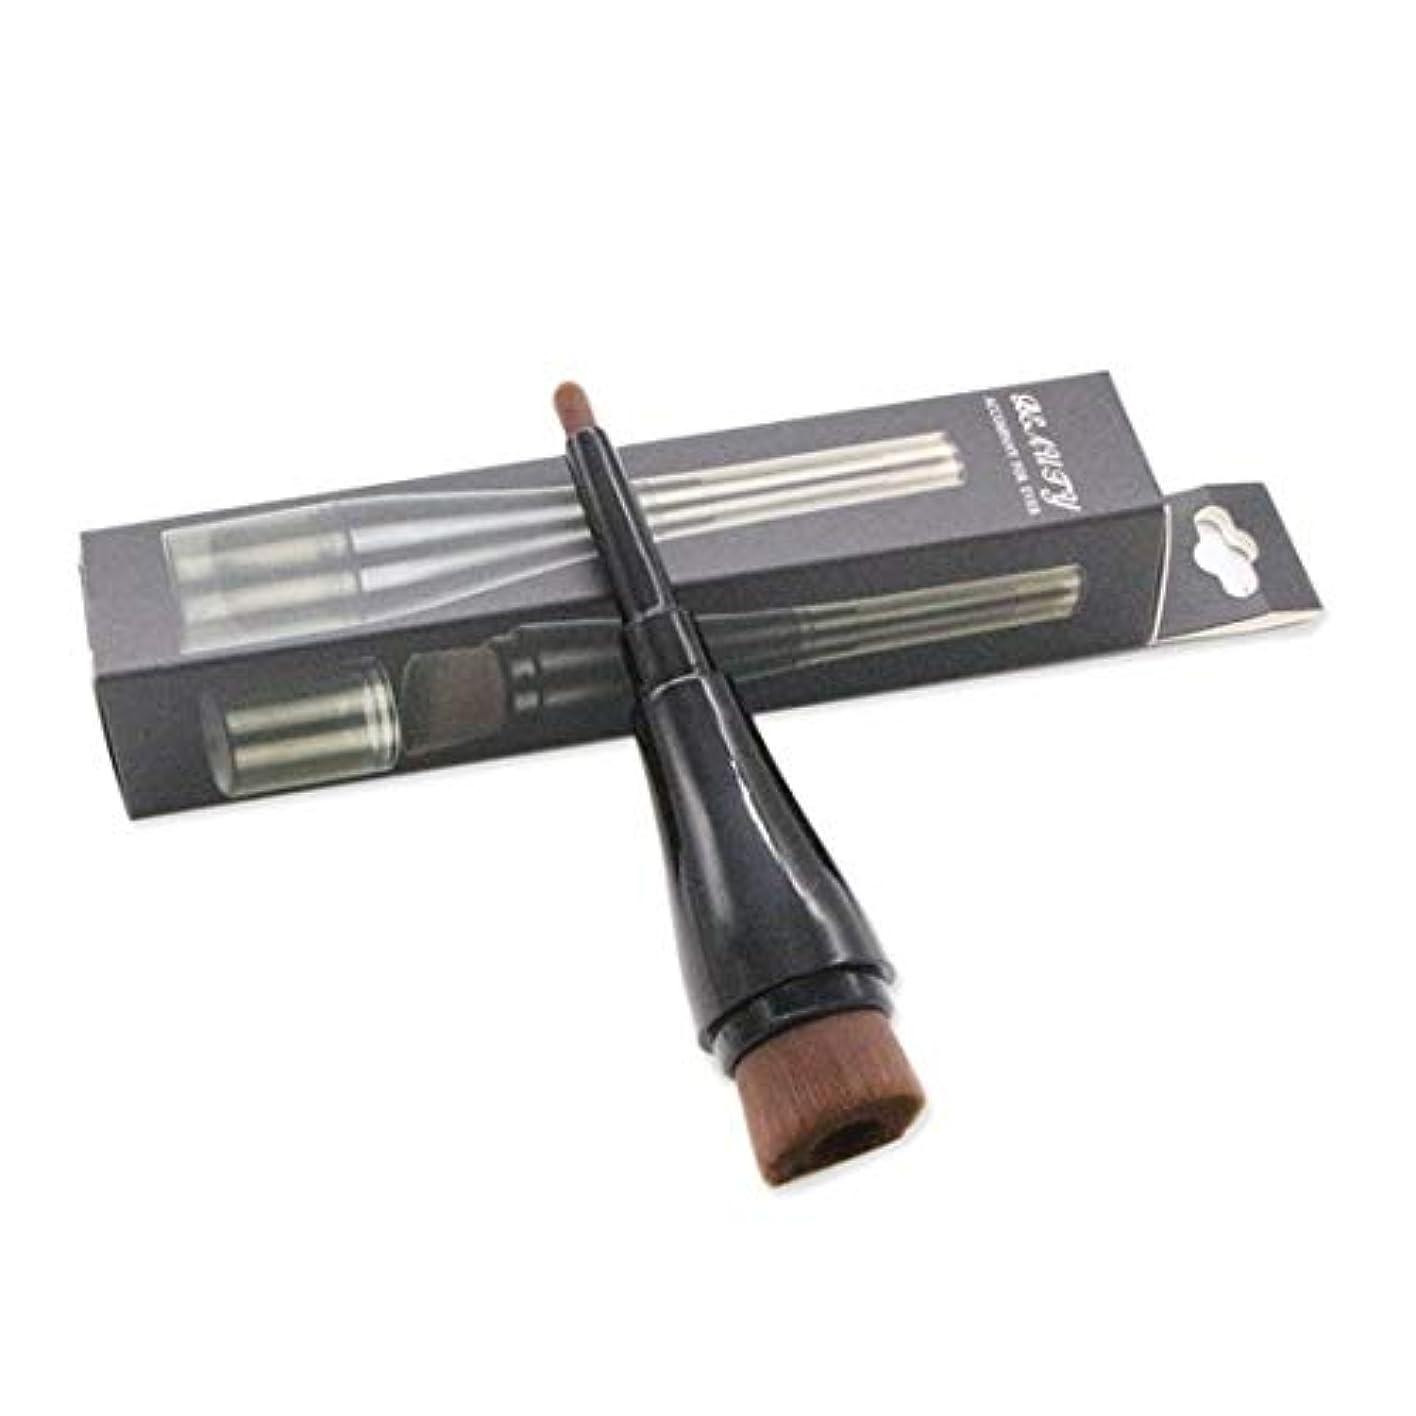 荷物スポンサー患者Makeup brushes ダブルヘッド化粧ブラシ旅行財団ブラシアイシャドウブラシ修理容量コンシーラーカバー付き suits (Color : Black)